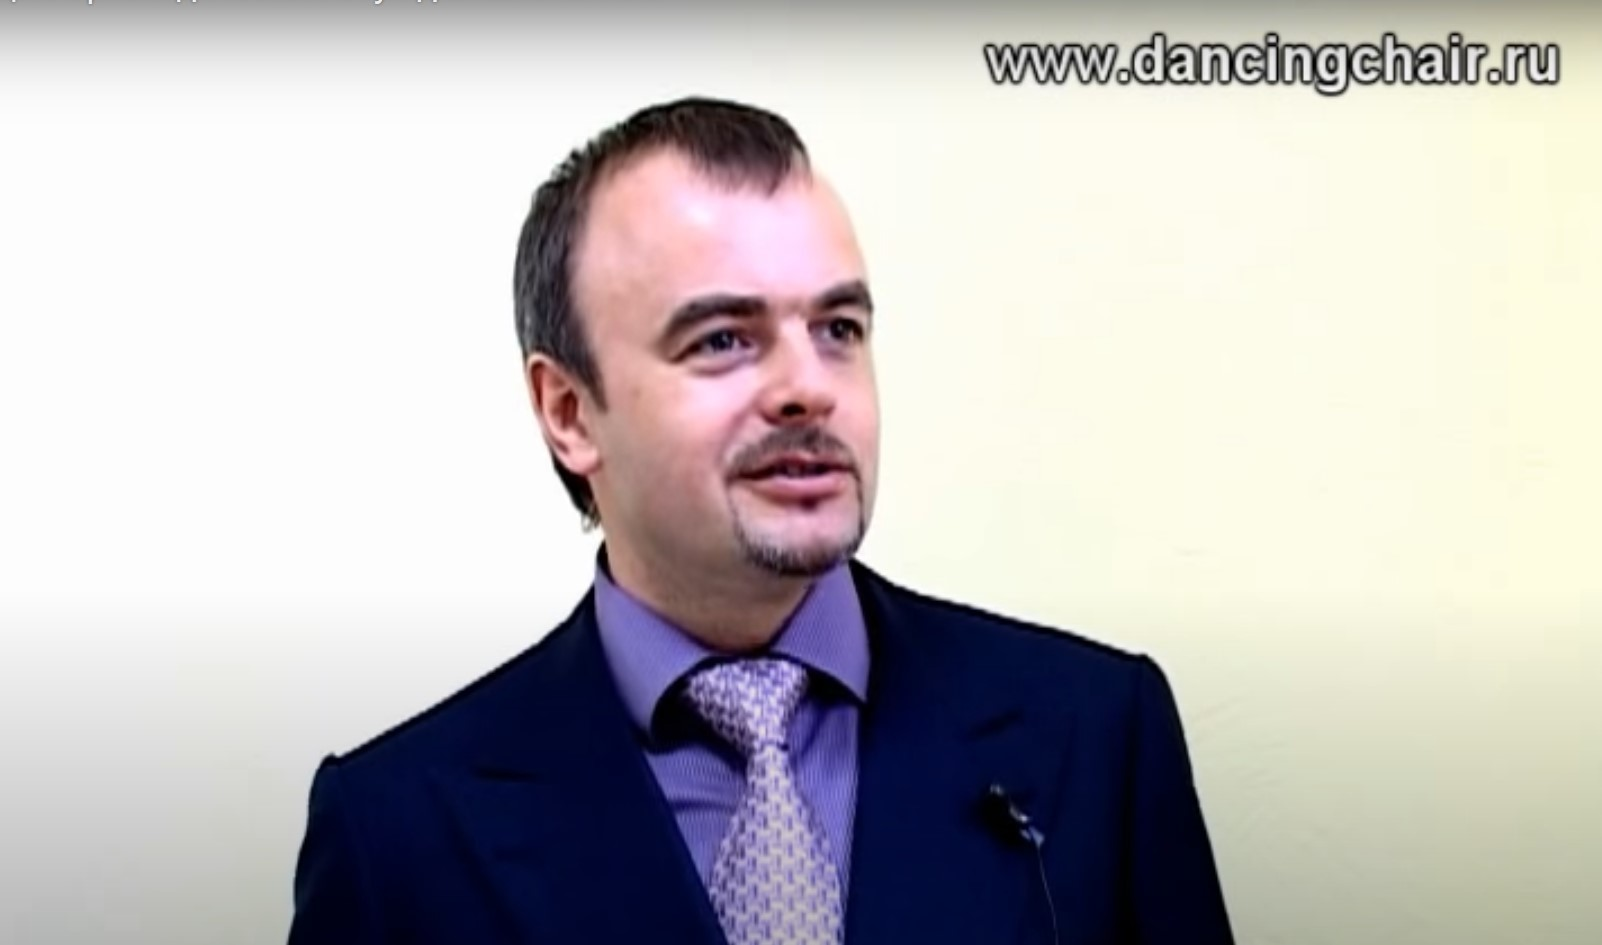 Остеопат Титов Д.П. об ортопедическом Танцующем Стуле для школьника